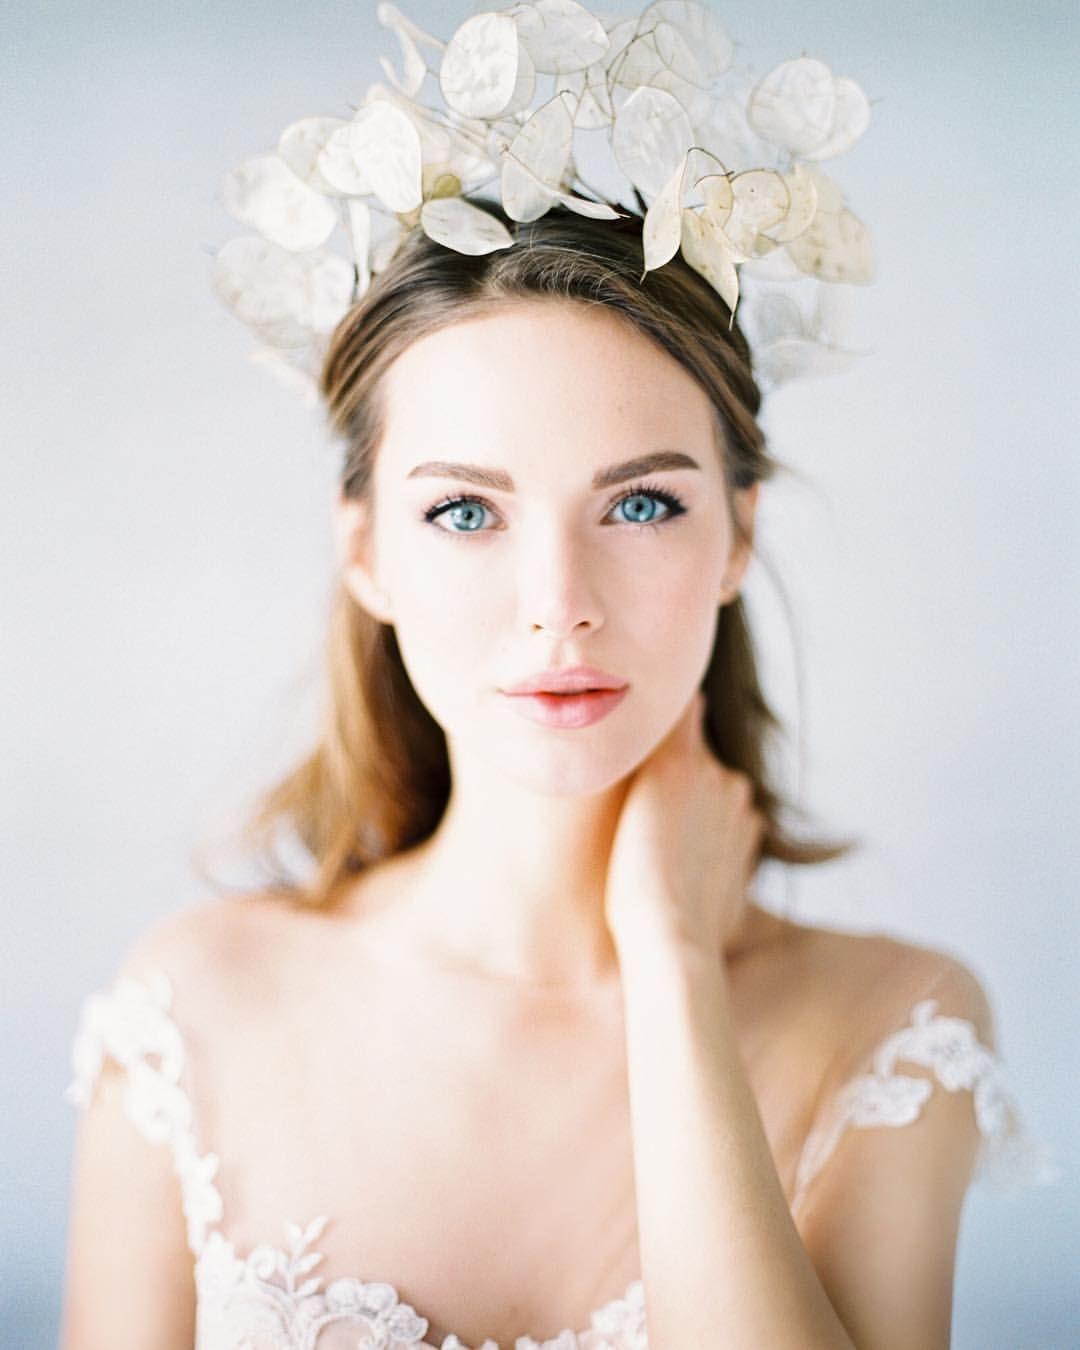 Trend Alert! Dreamy Lunaria Wedding Ideas   Свадебный ...  Тематические Свадьбы Зимой